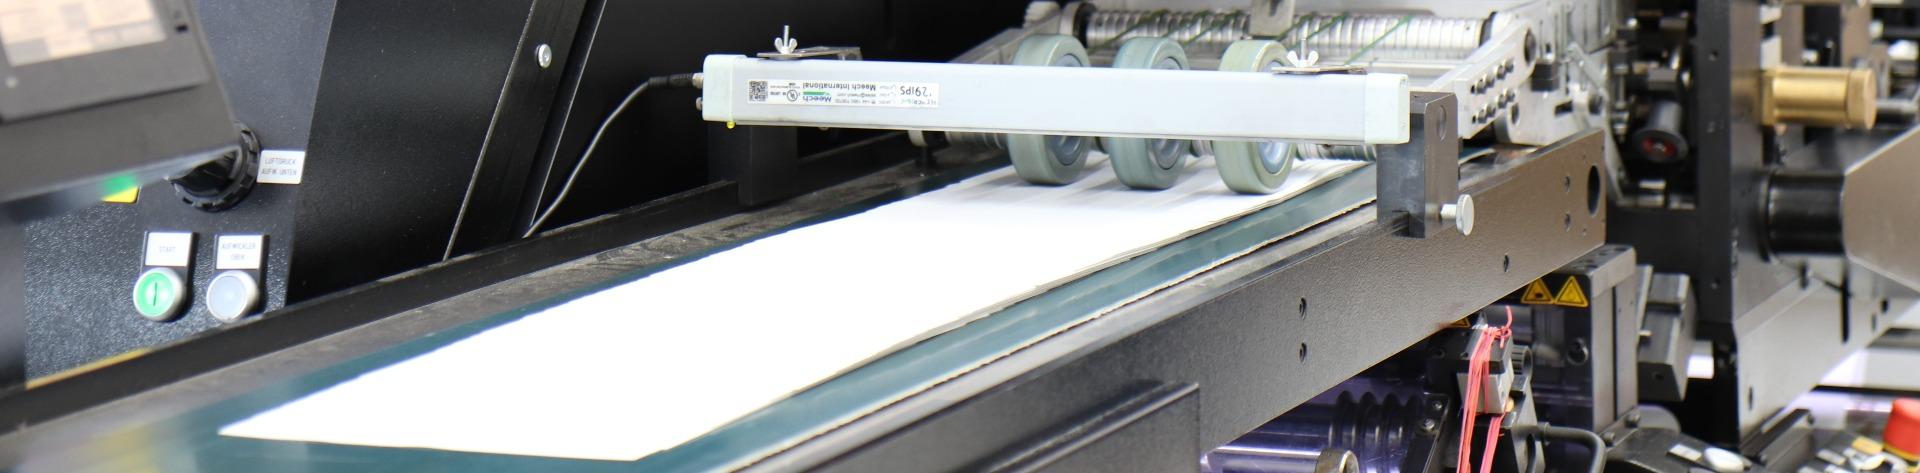 Etiketten auf Bogen aus eigener Produktion